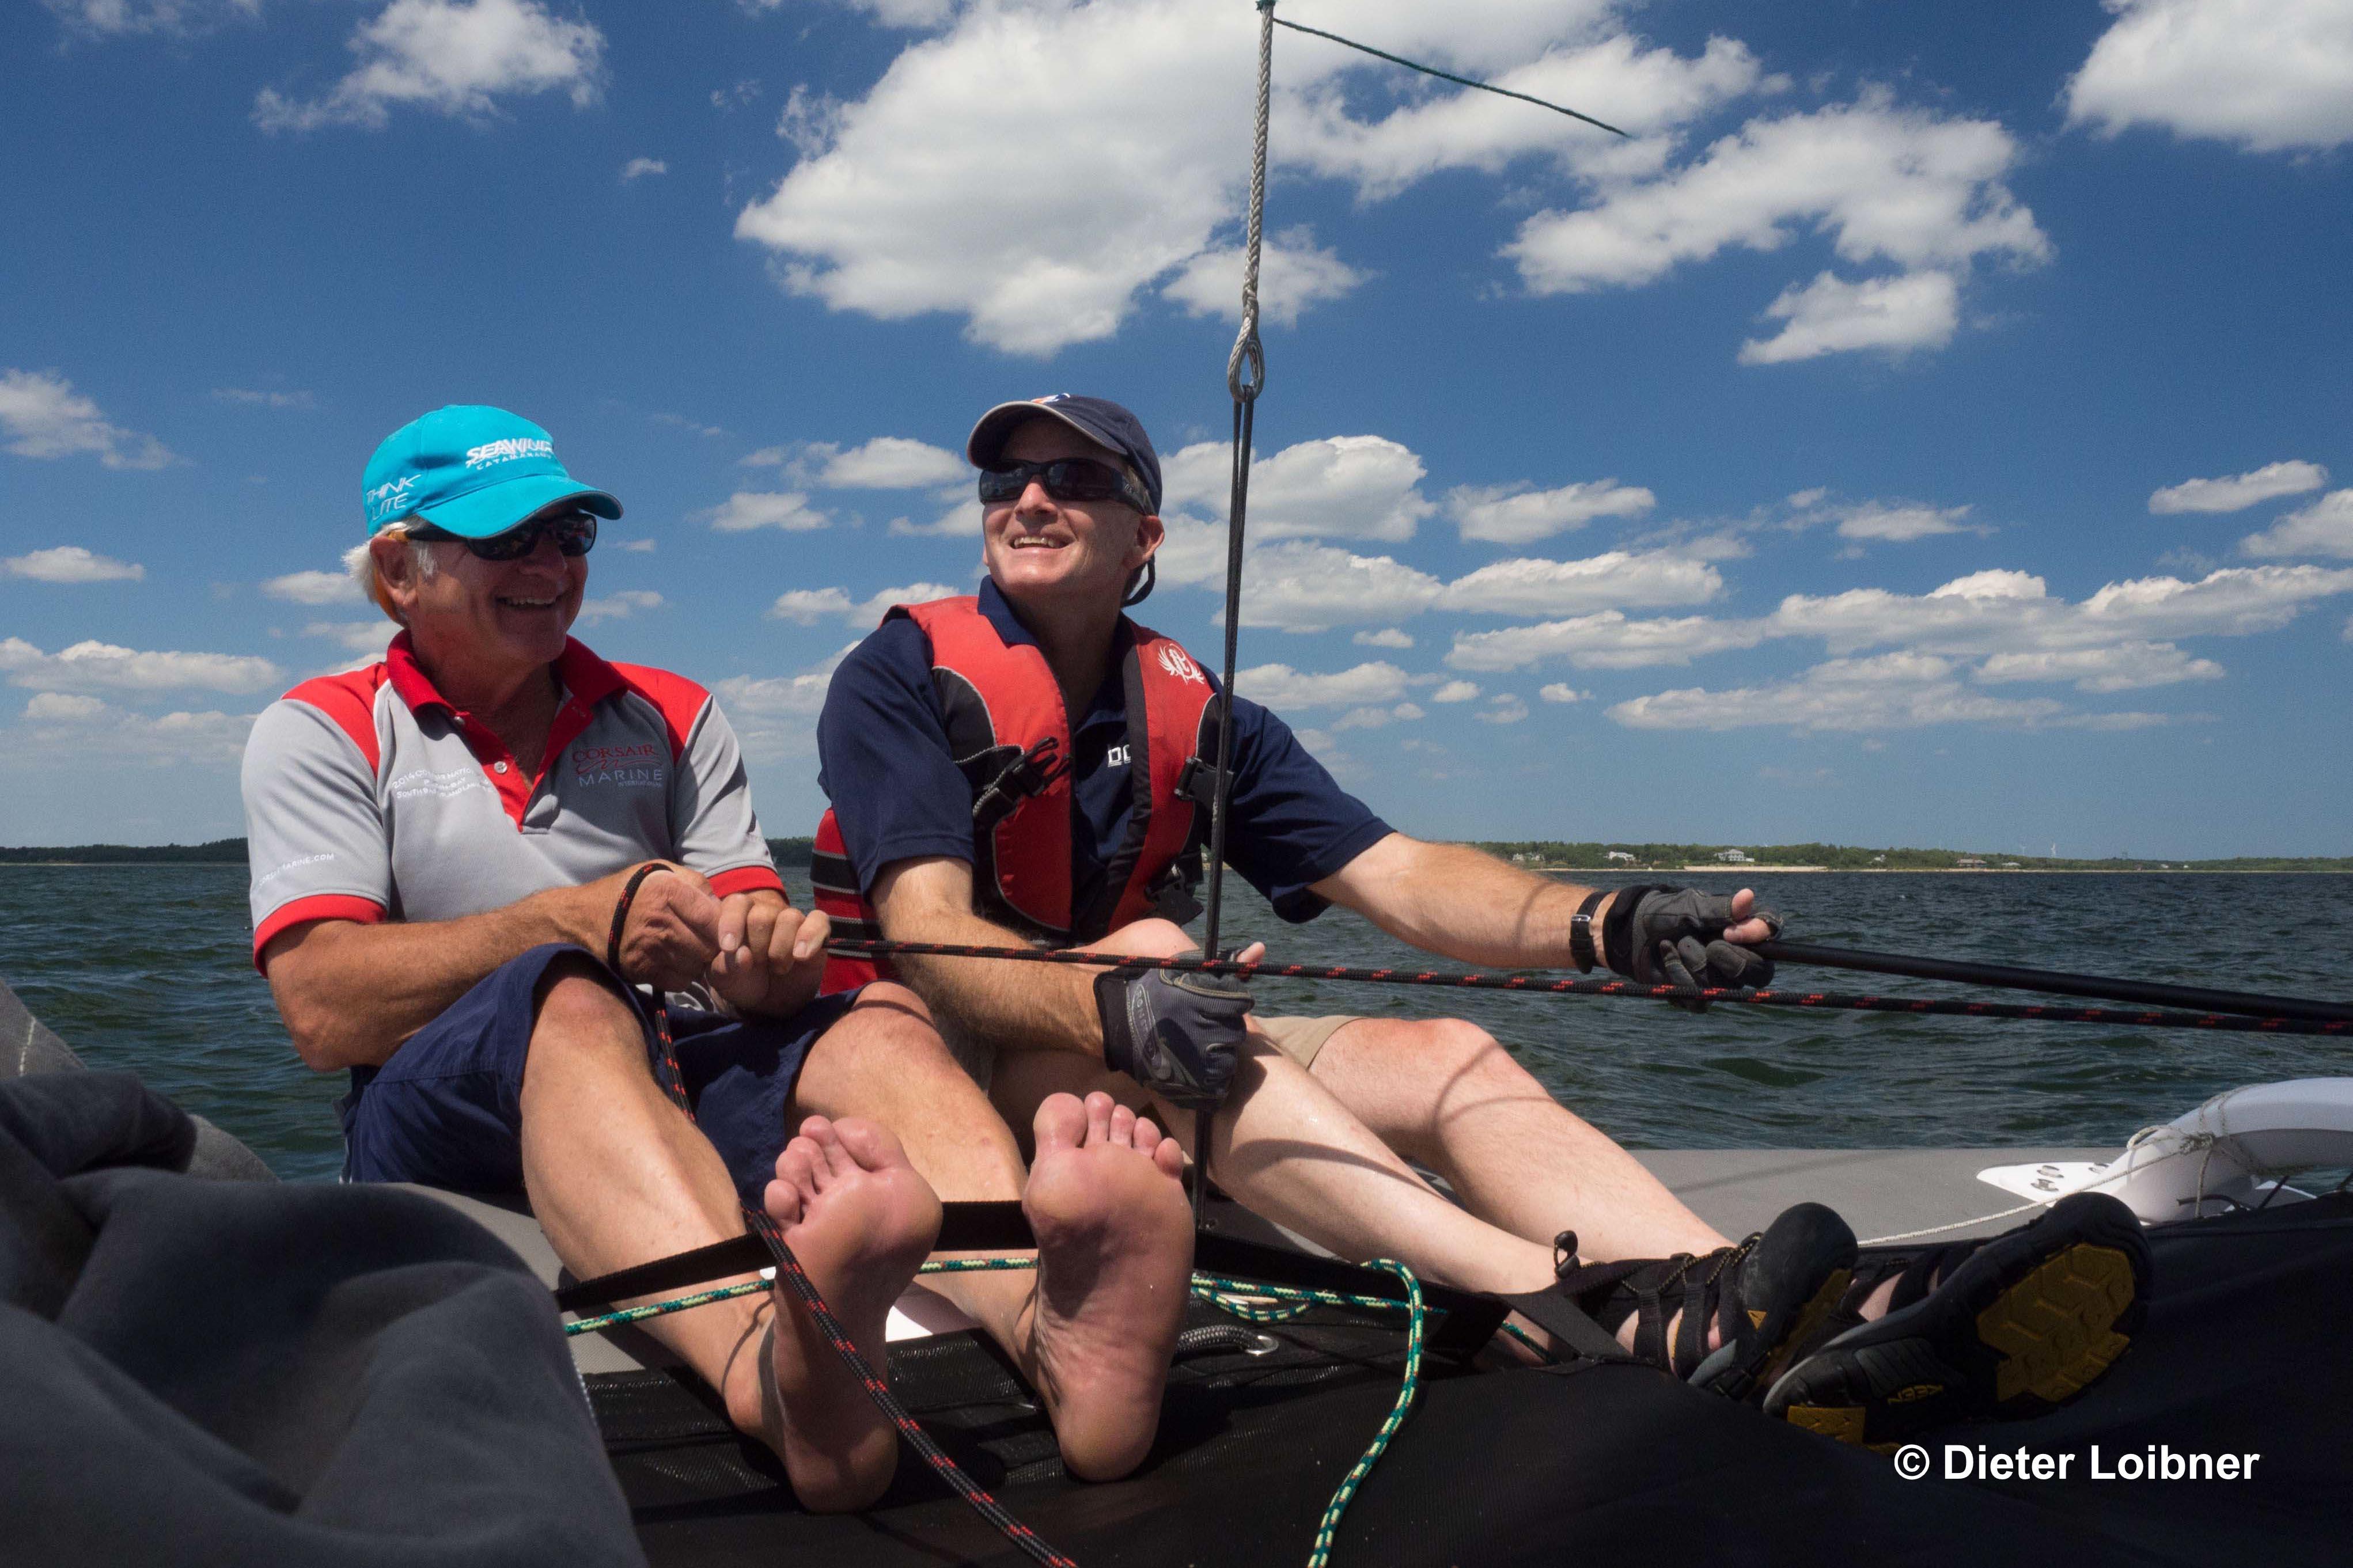 Gurte statt Trapez: Wer möchte, kann den Pulse auch sehr sportlich segeln.  Foto: Dieter Loibner